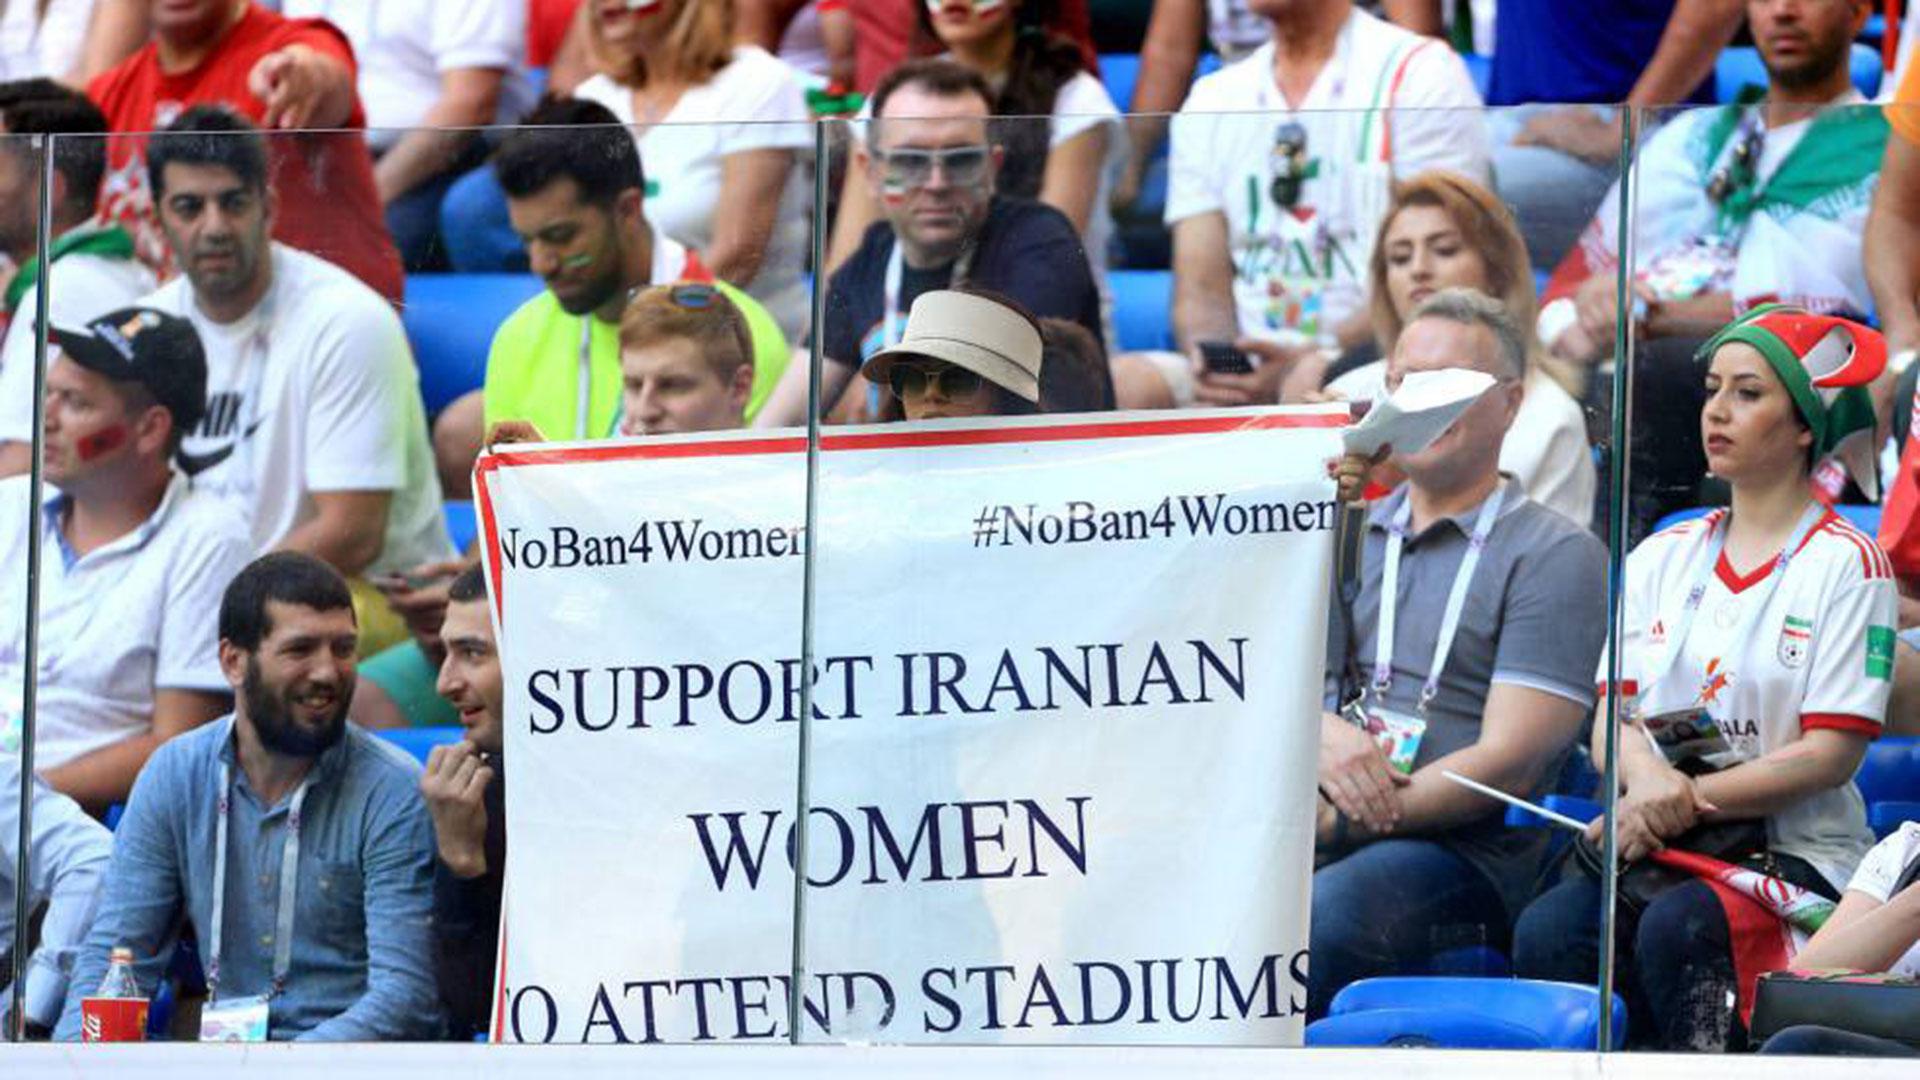 Las simpatizantes de Irán reclaman sus derechos bajo el lema #NoBan4Women